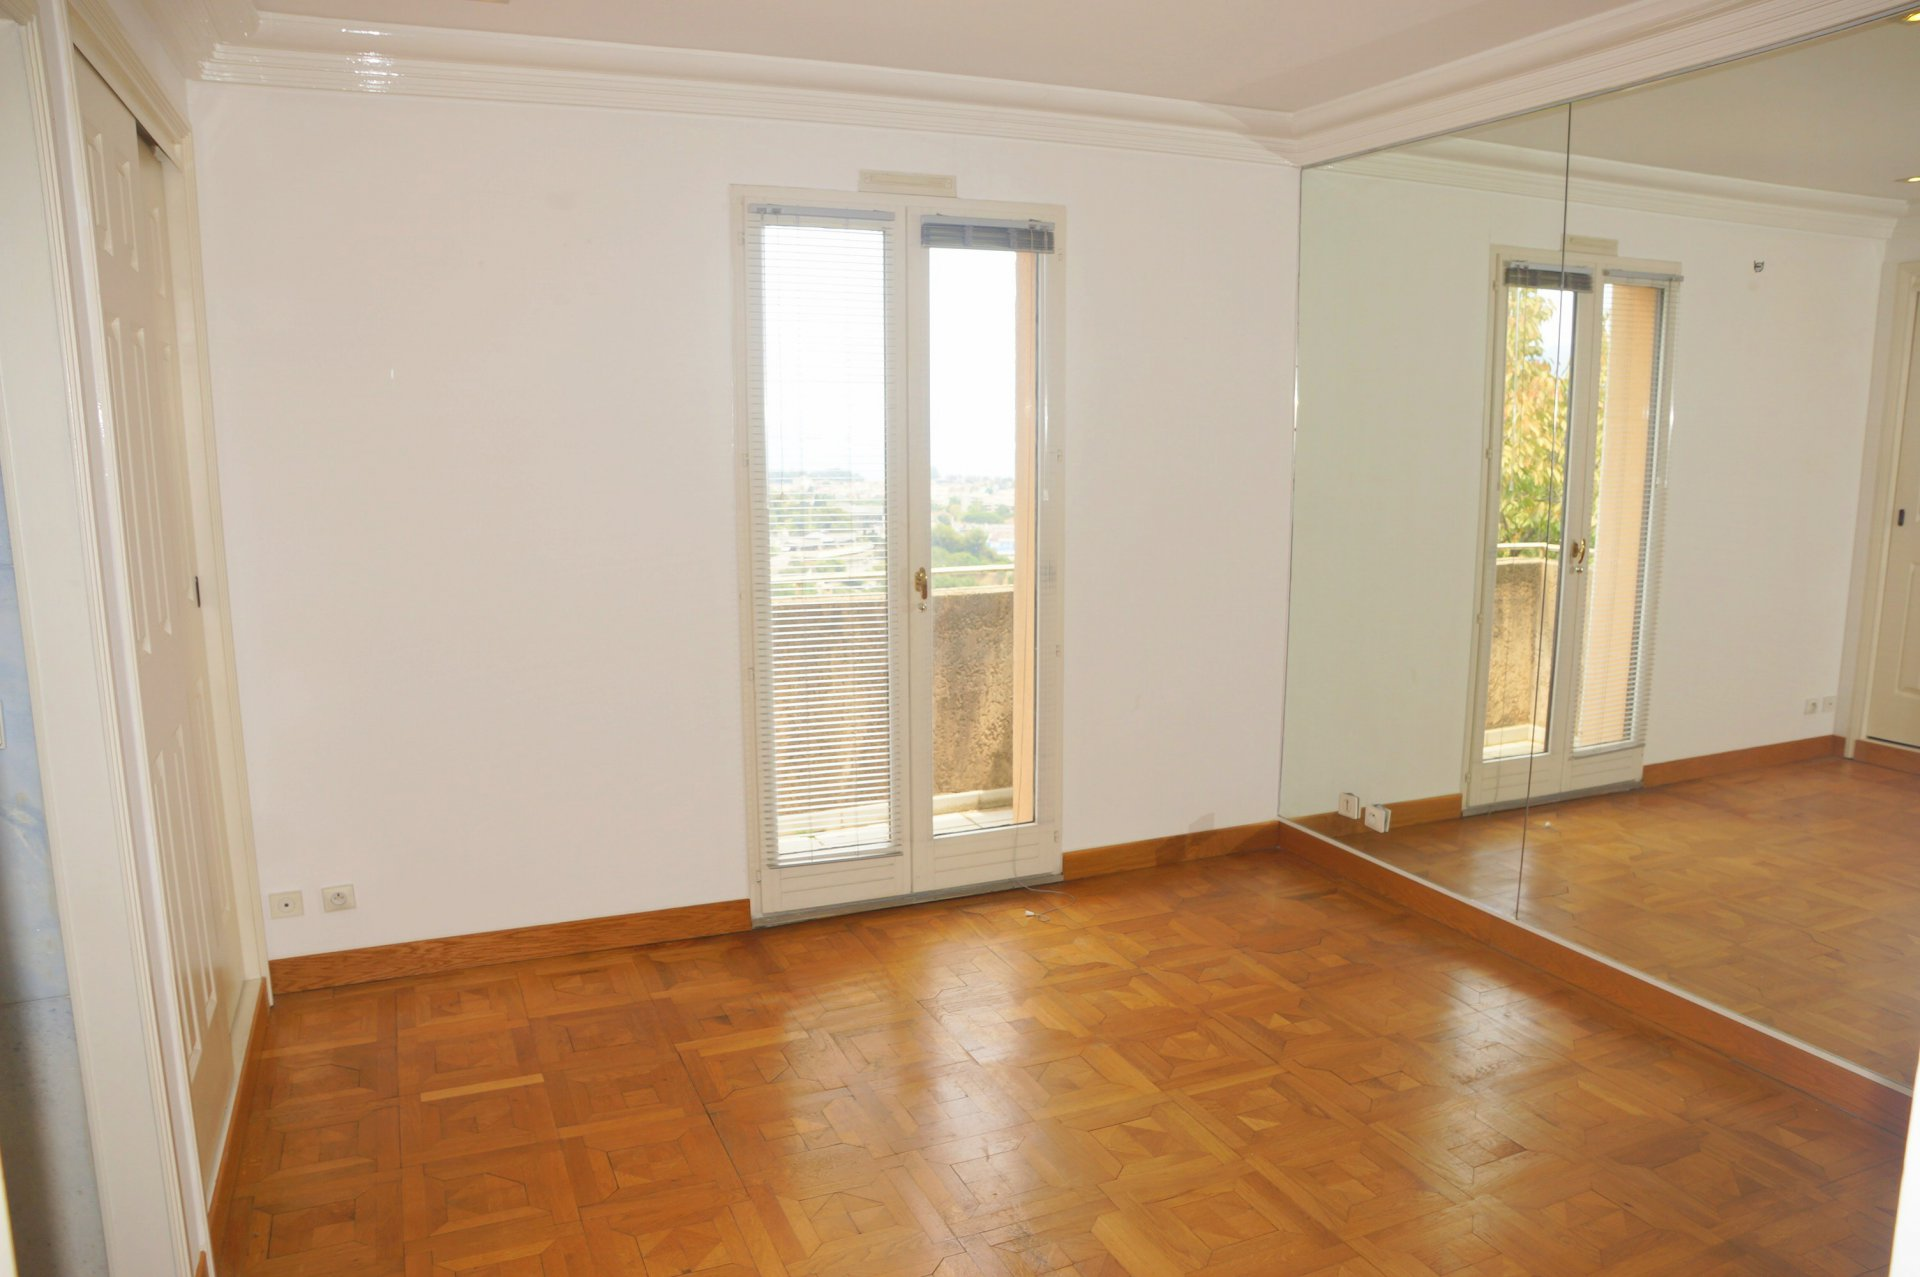 Apartment 4 rooms - VILLENEUVE LOUBET